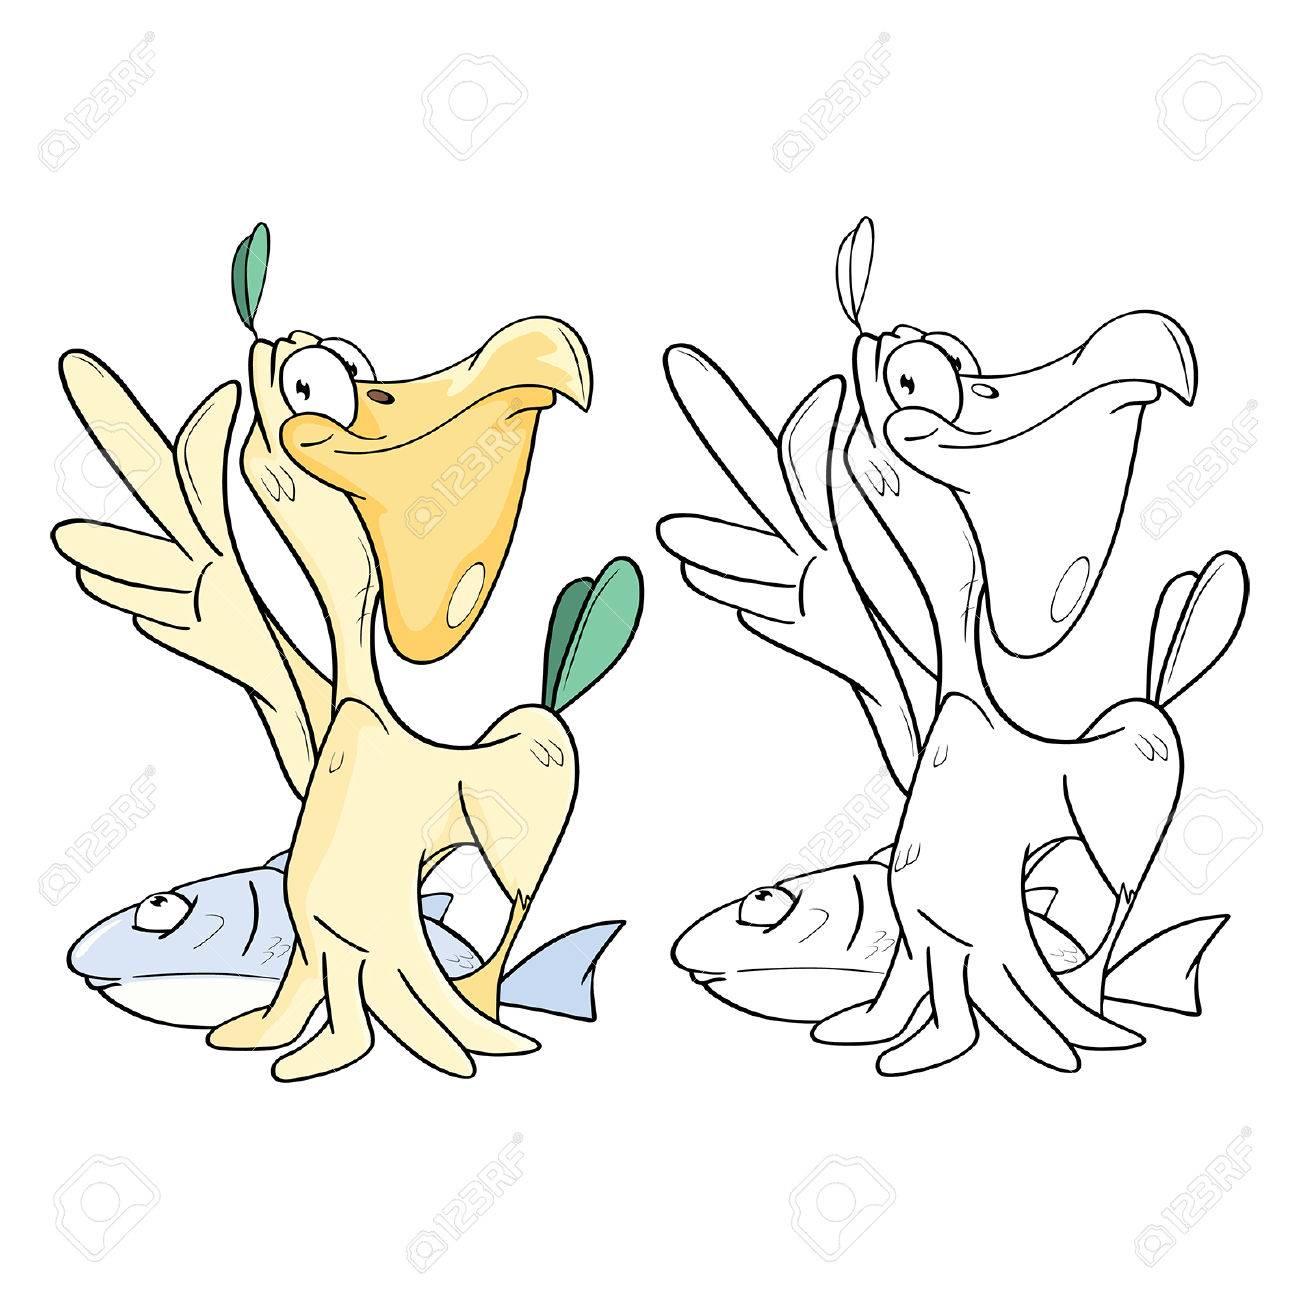 かわいいペリカンと大きな魚漫画キャラクターの塗り絵のイラスト